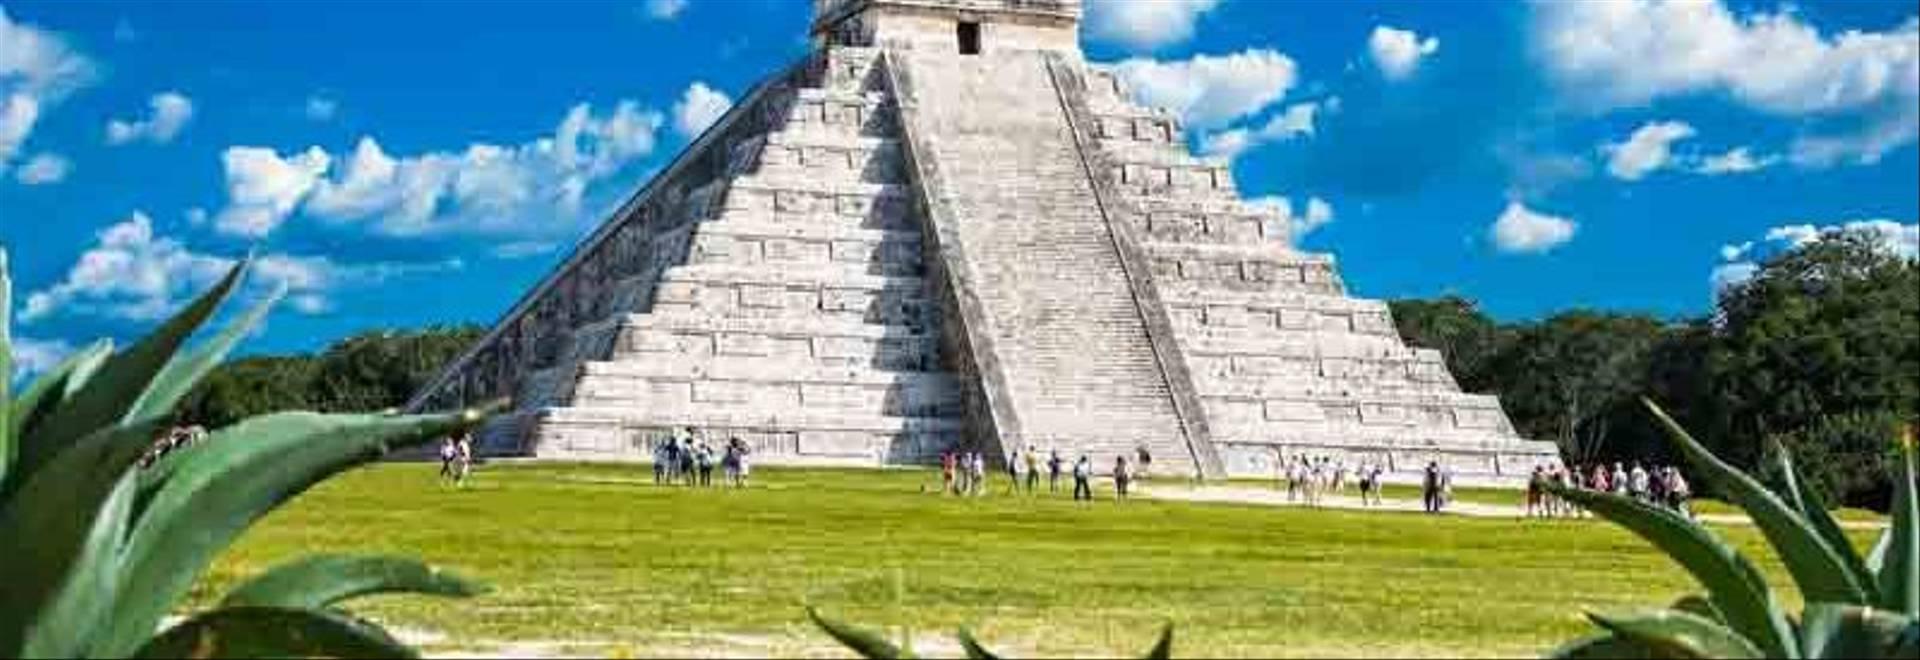 Chichen Itza, Mexico.jpg